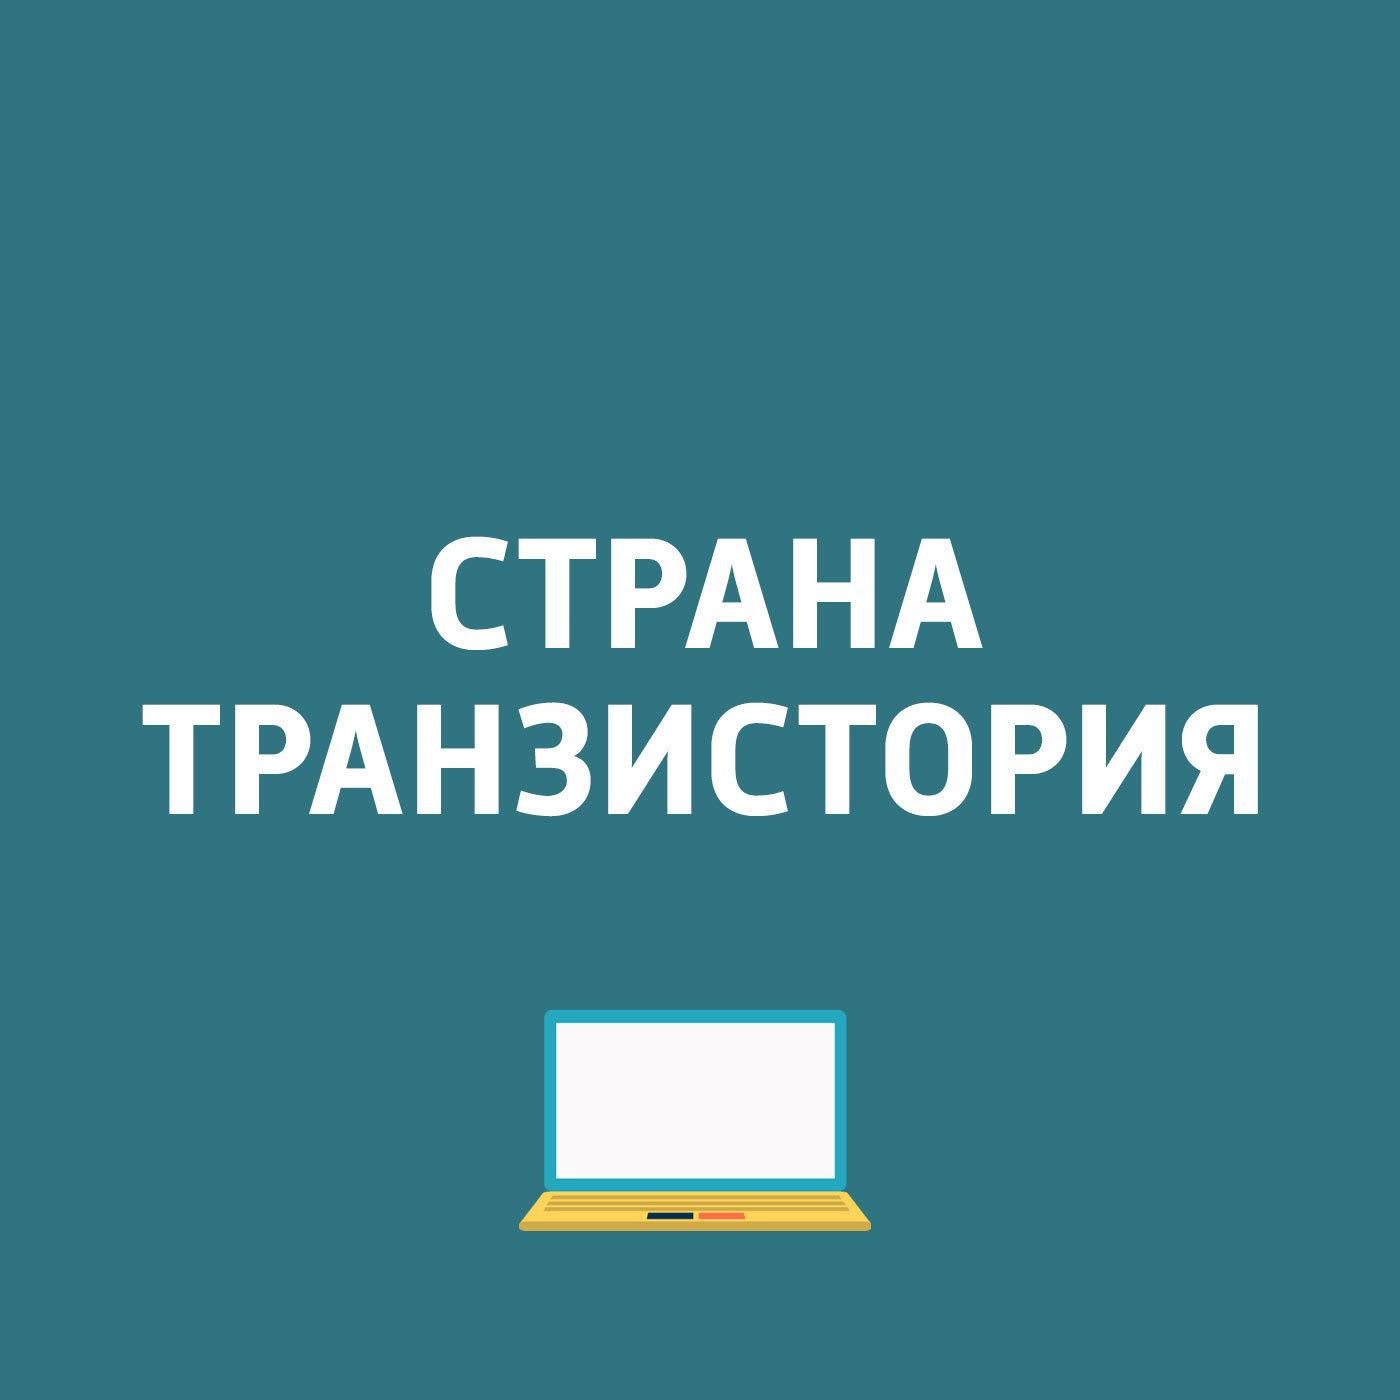 Картаев Павел Компания Microsoft официально опровергла слухи об уходе с российского рынка картаев павел голосовая помощница алиса